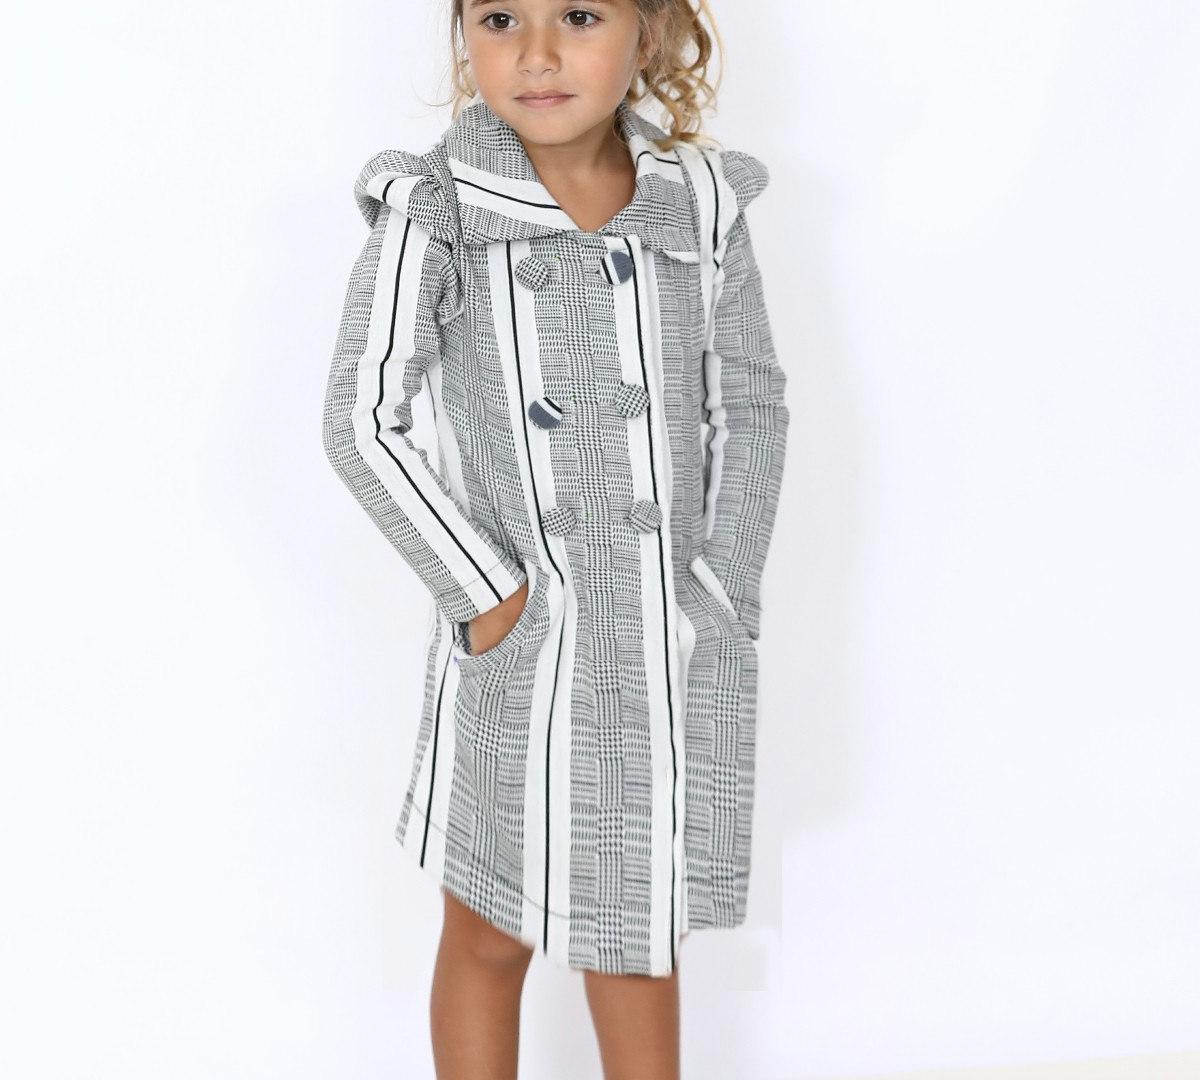 שמלה הלטון malaya | מאליה אופנת ילדים